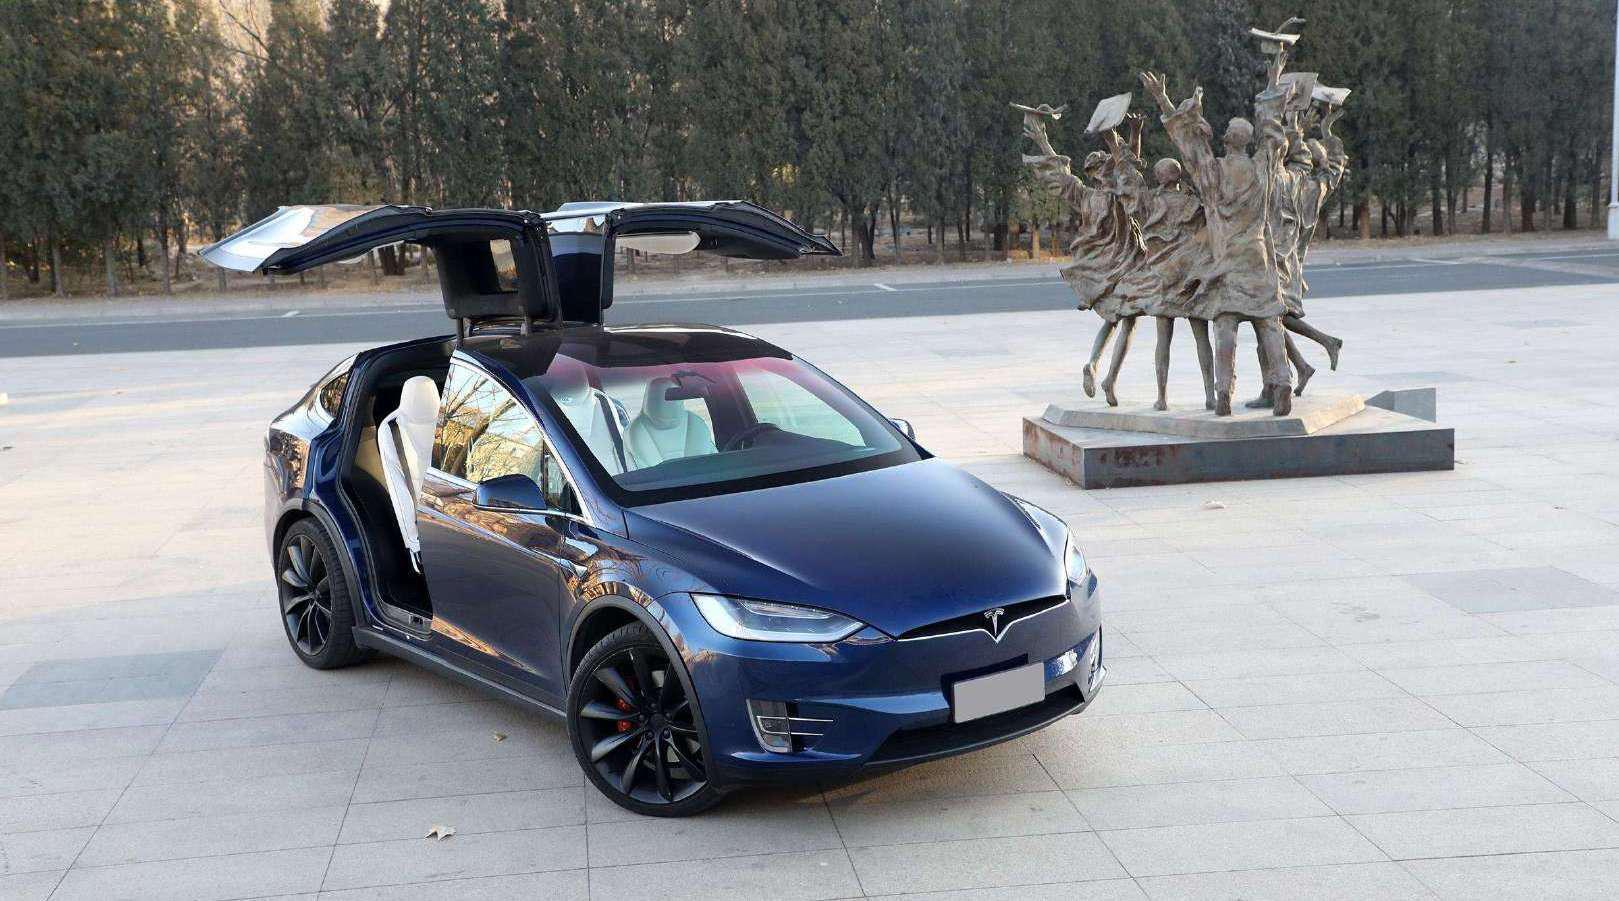 新能源汽车 油漆忘喷,螺丝没紧,特斯拉又因迷惑操作宣布召回